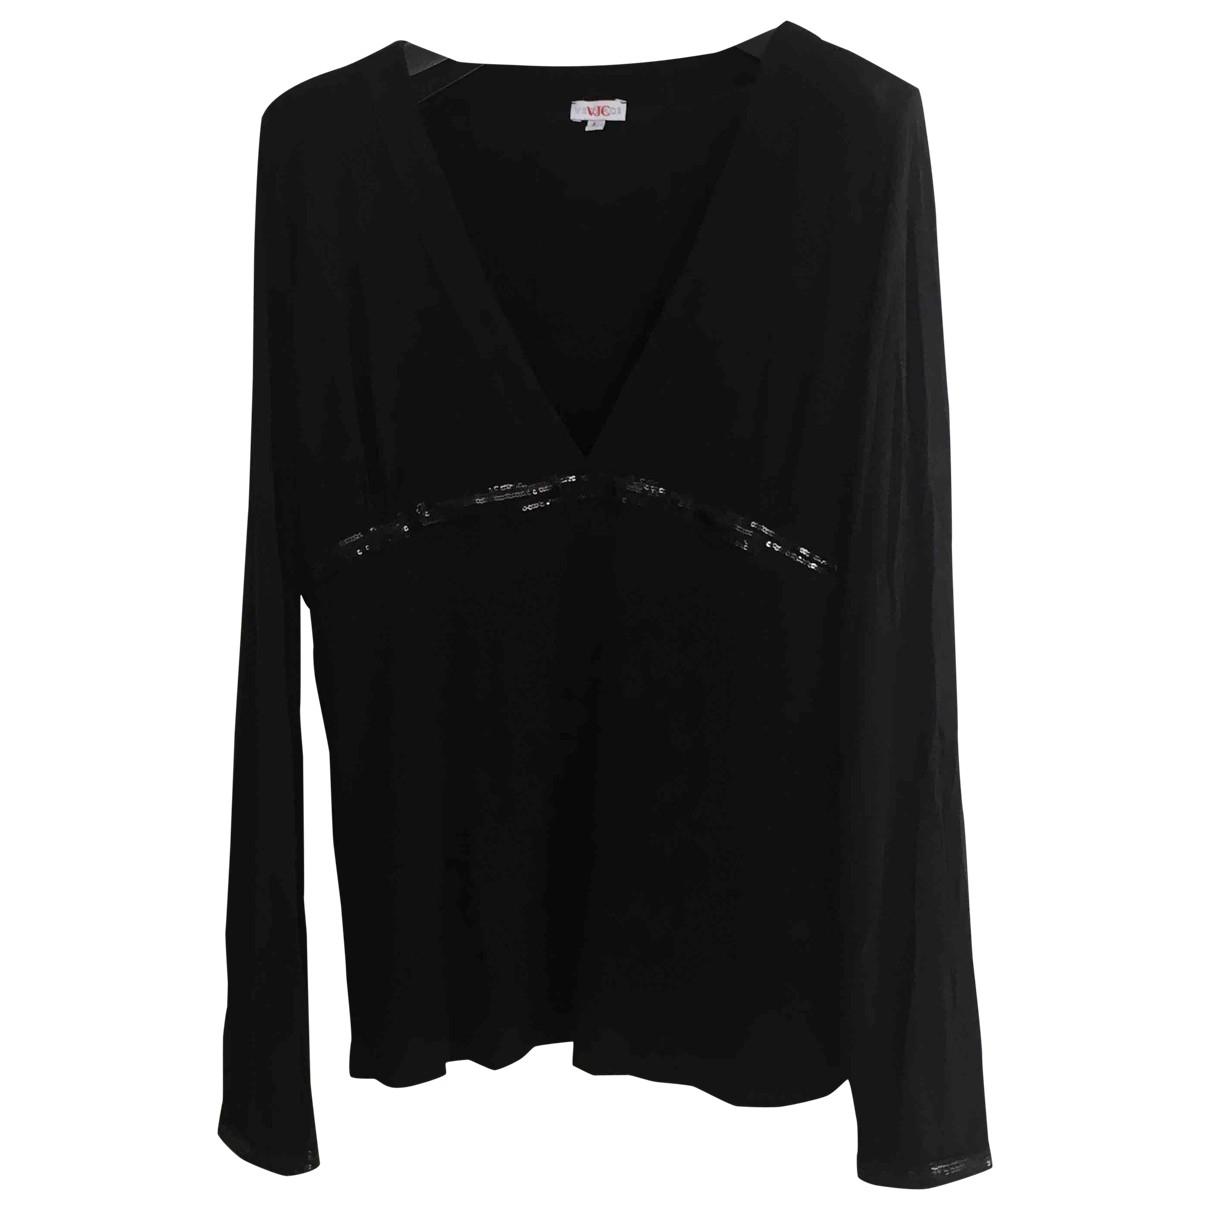 Versace Jean - Top   pour femme - noir